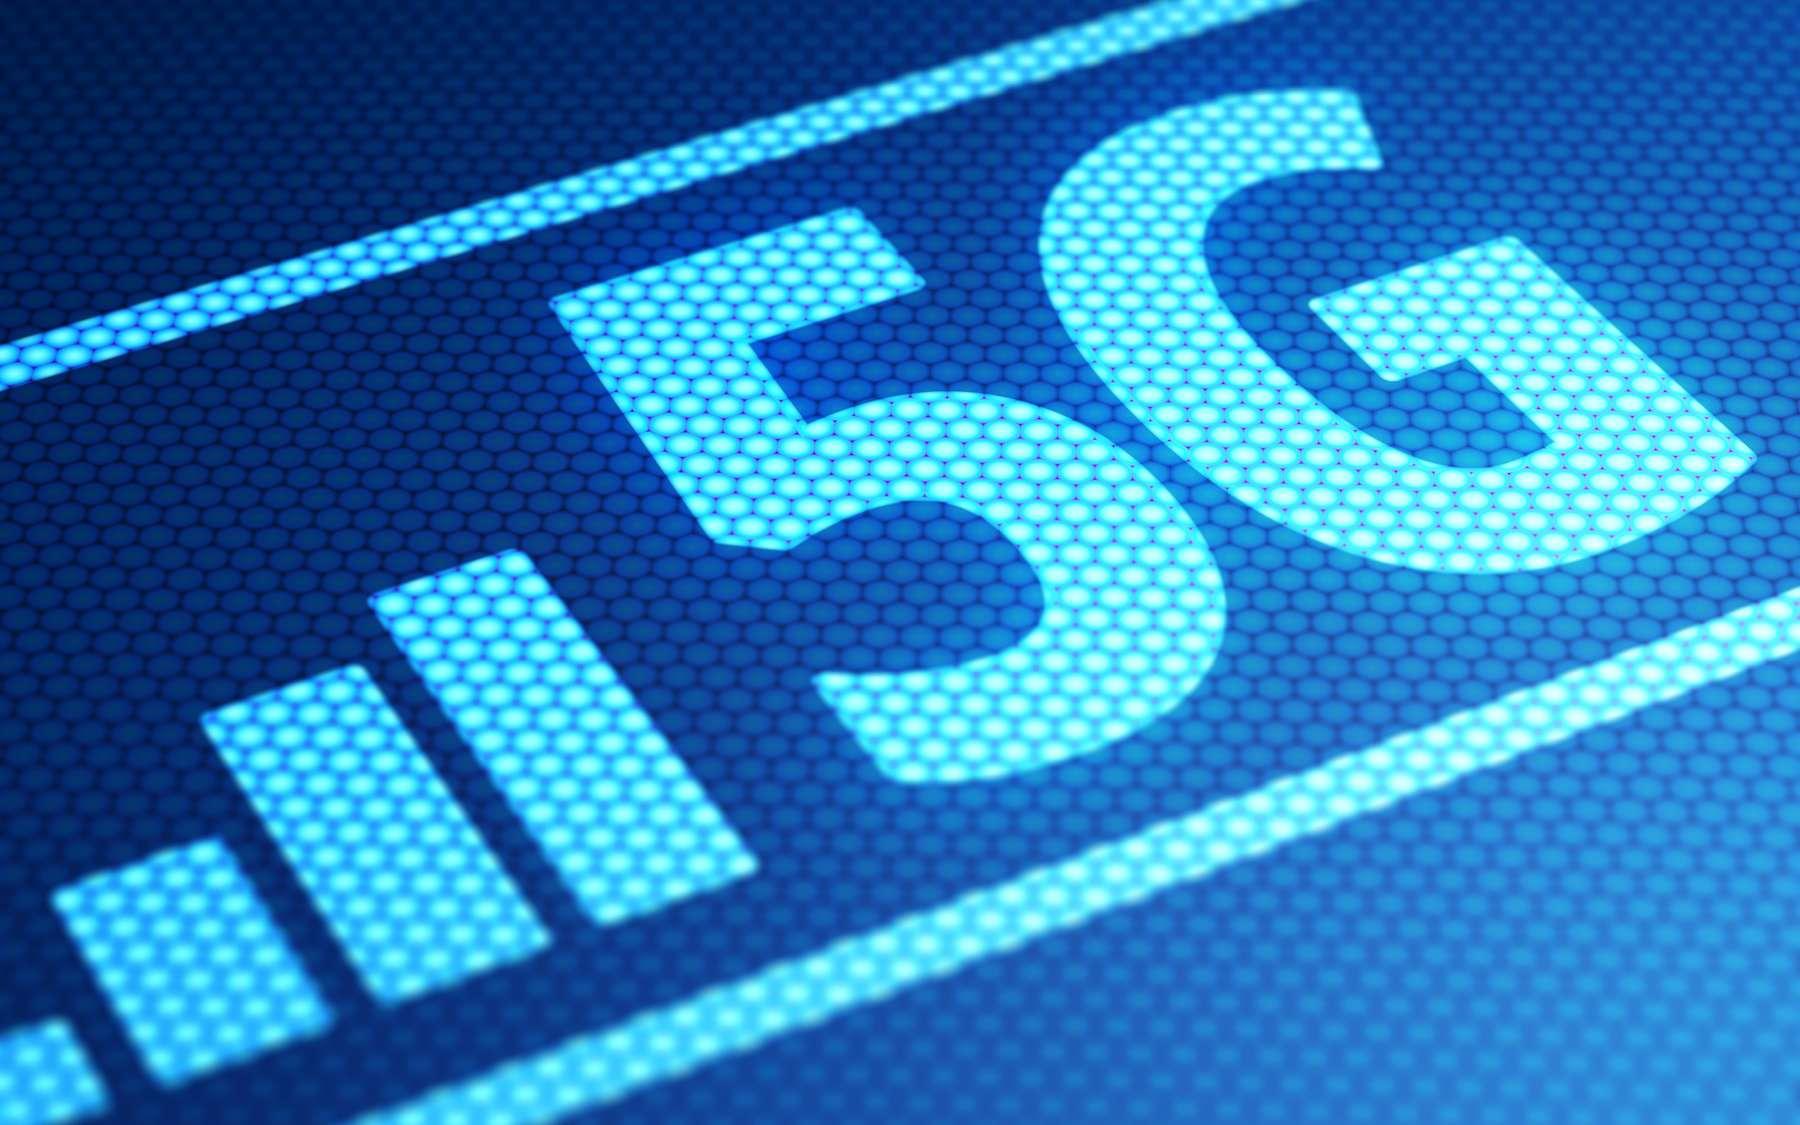 La 5G, technologie inutile et dangereuse ou avancée pour la société ? © iaremenko, Adobe Stock